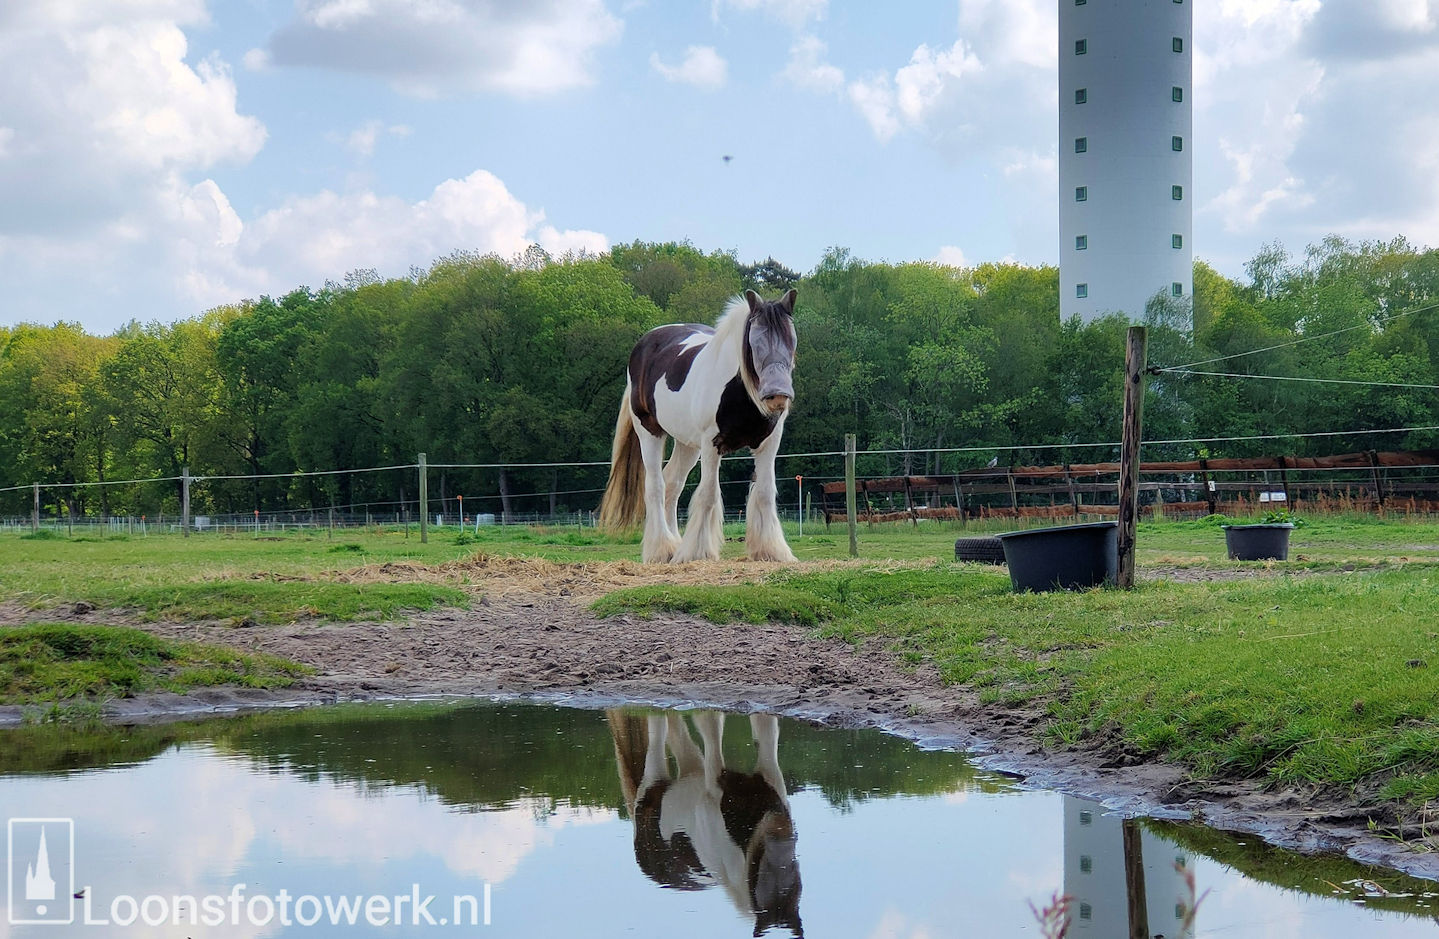 De Kommer boerderijcamping en paardenpension 14